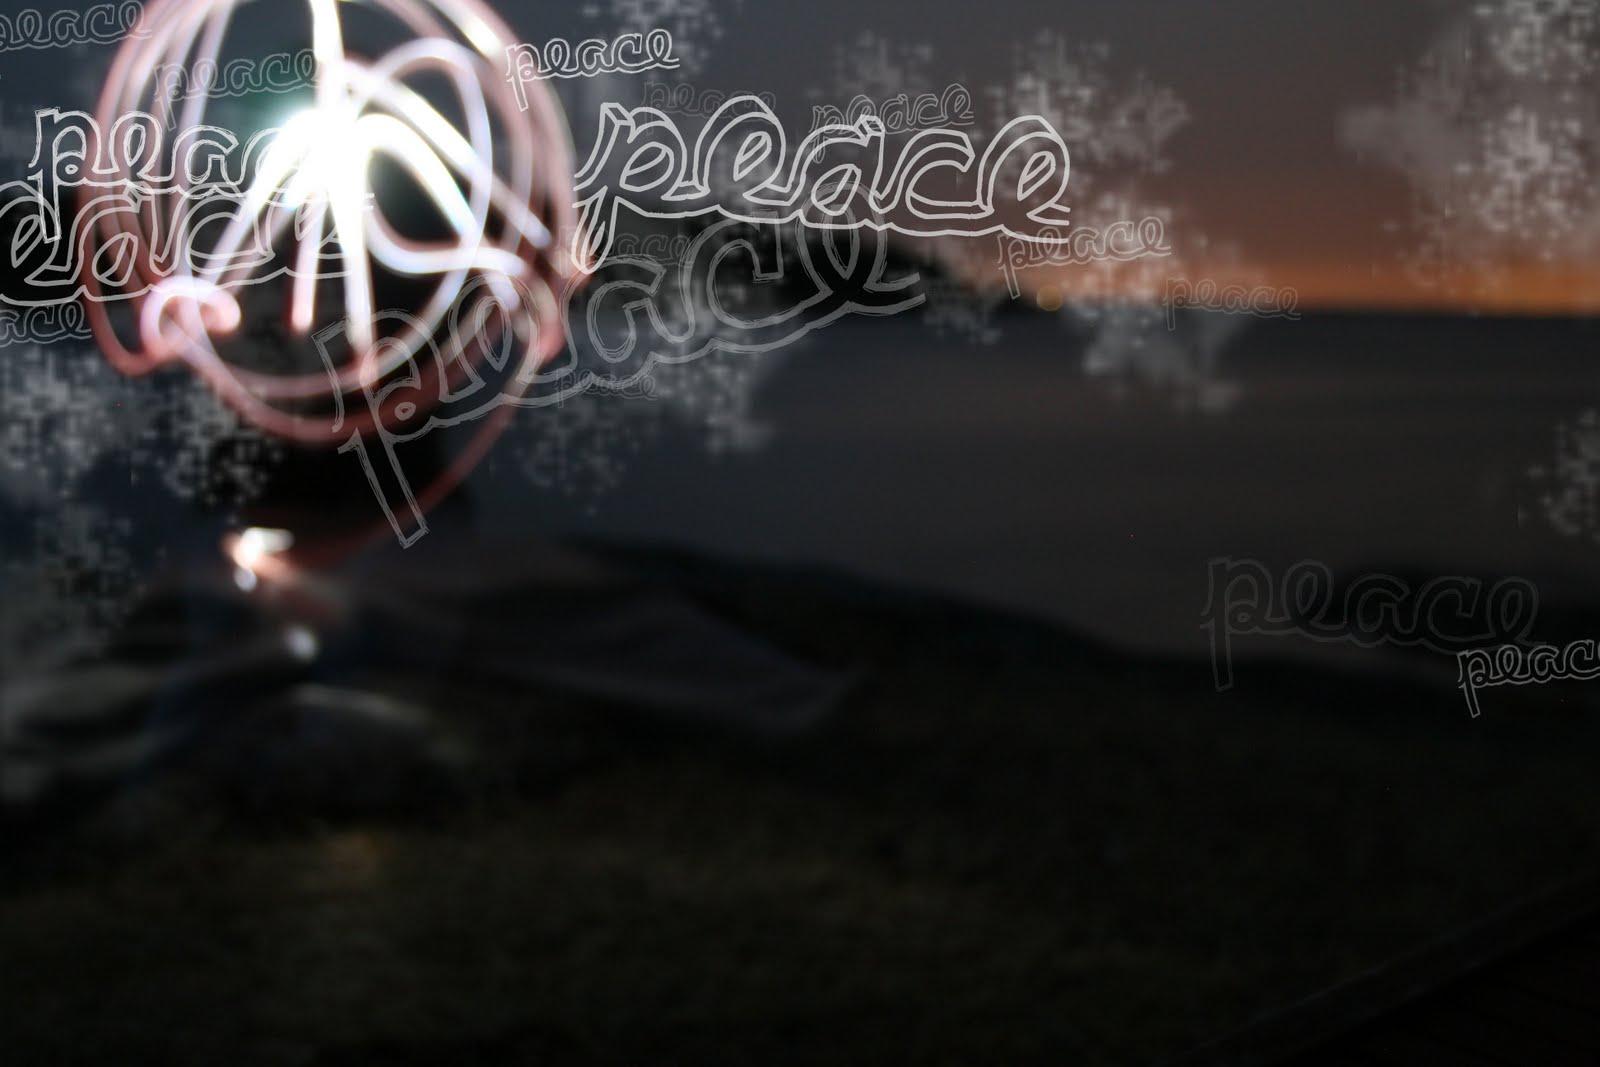 [PEACE]